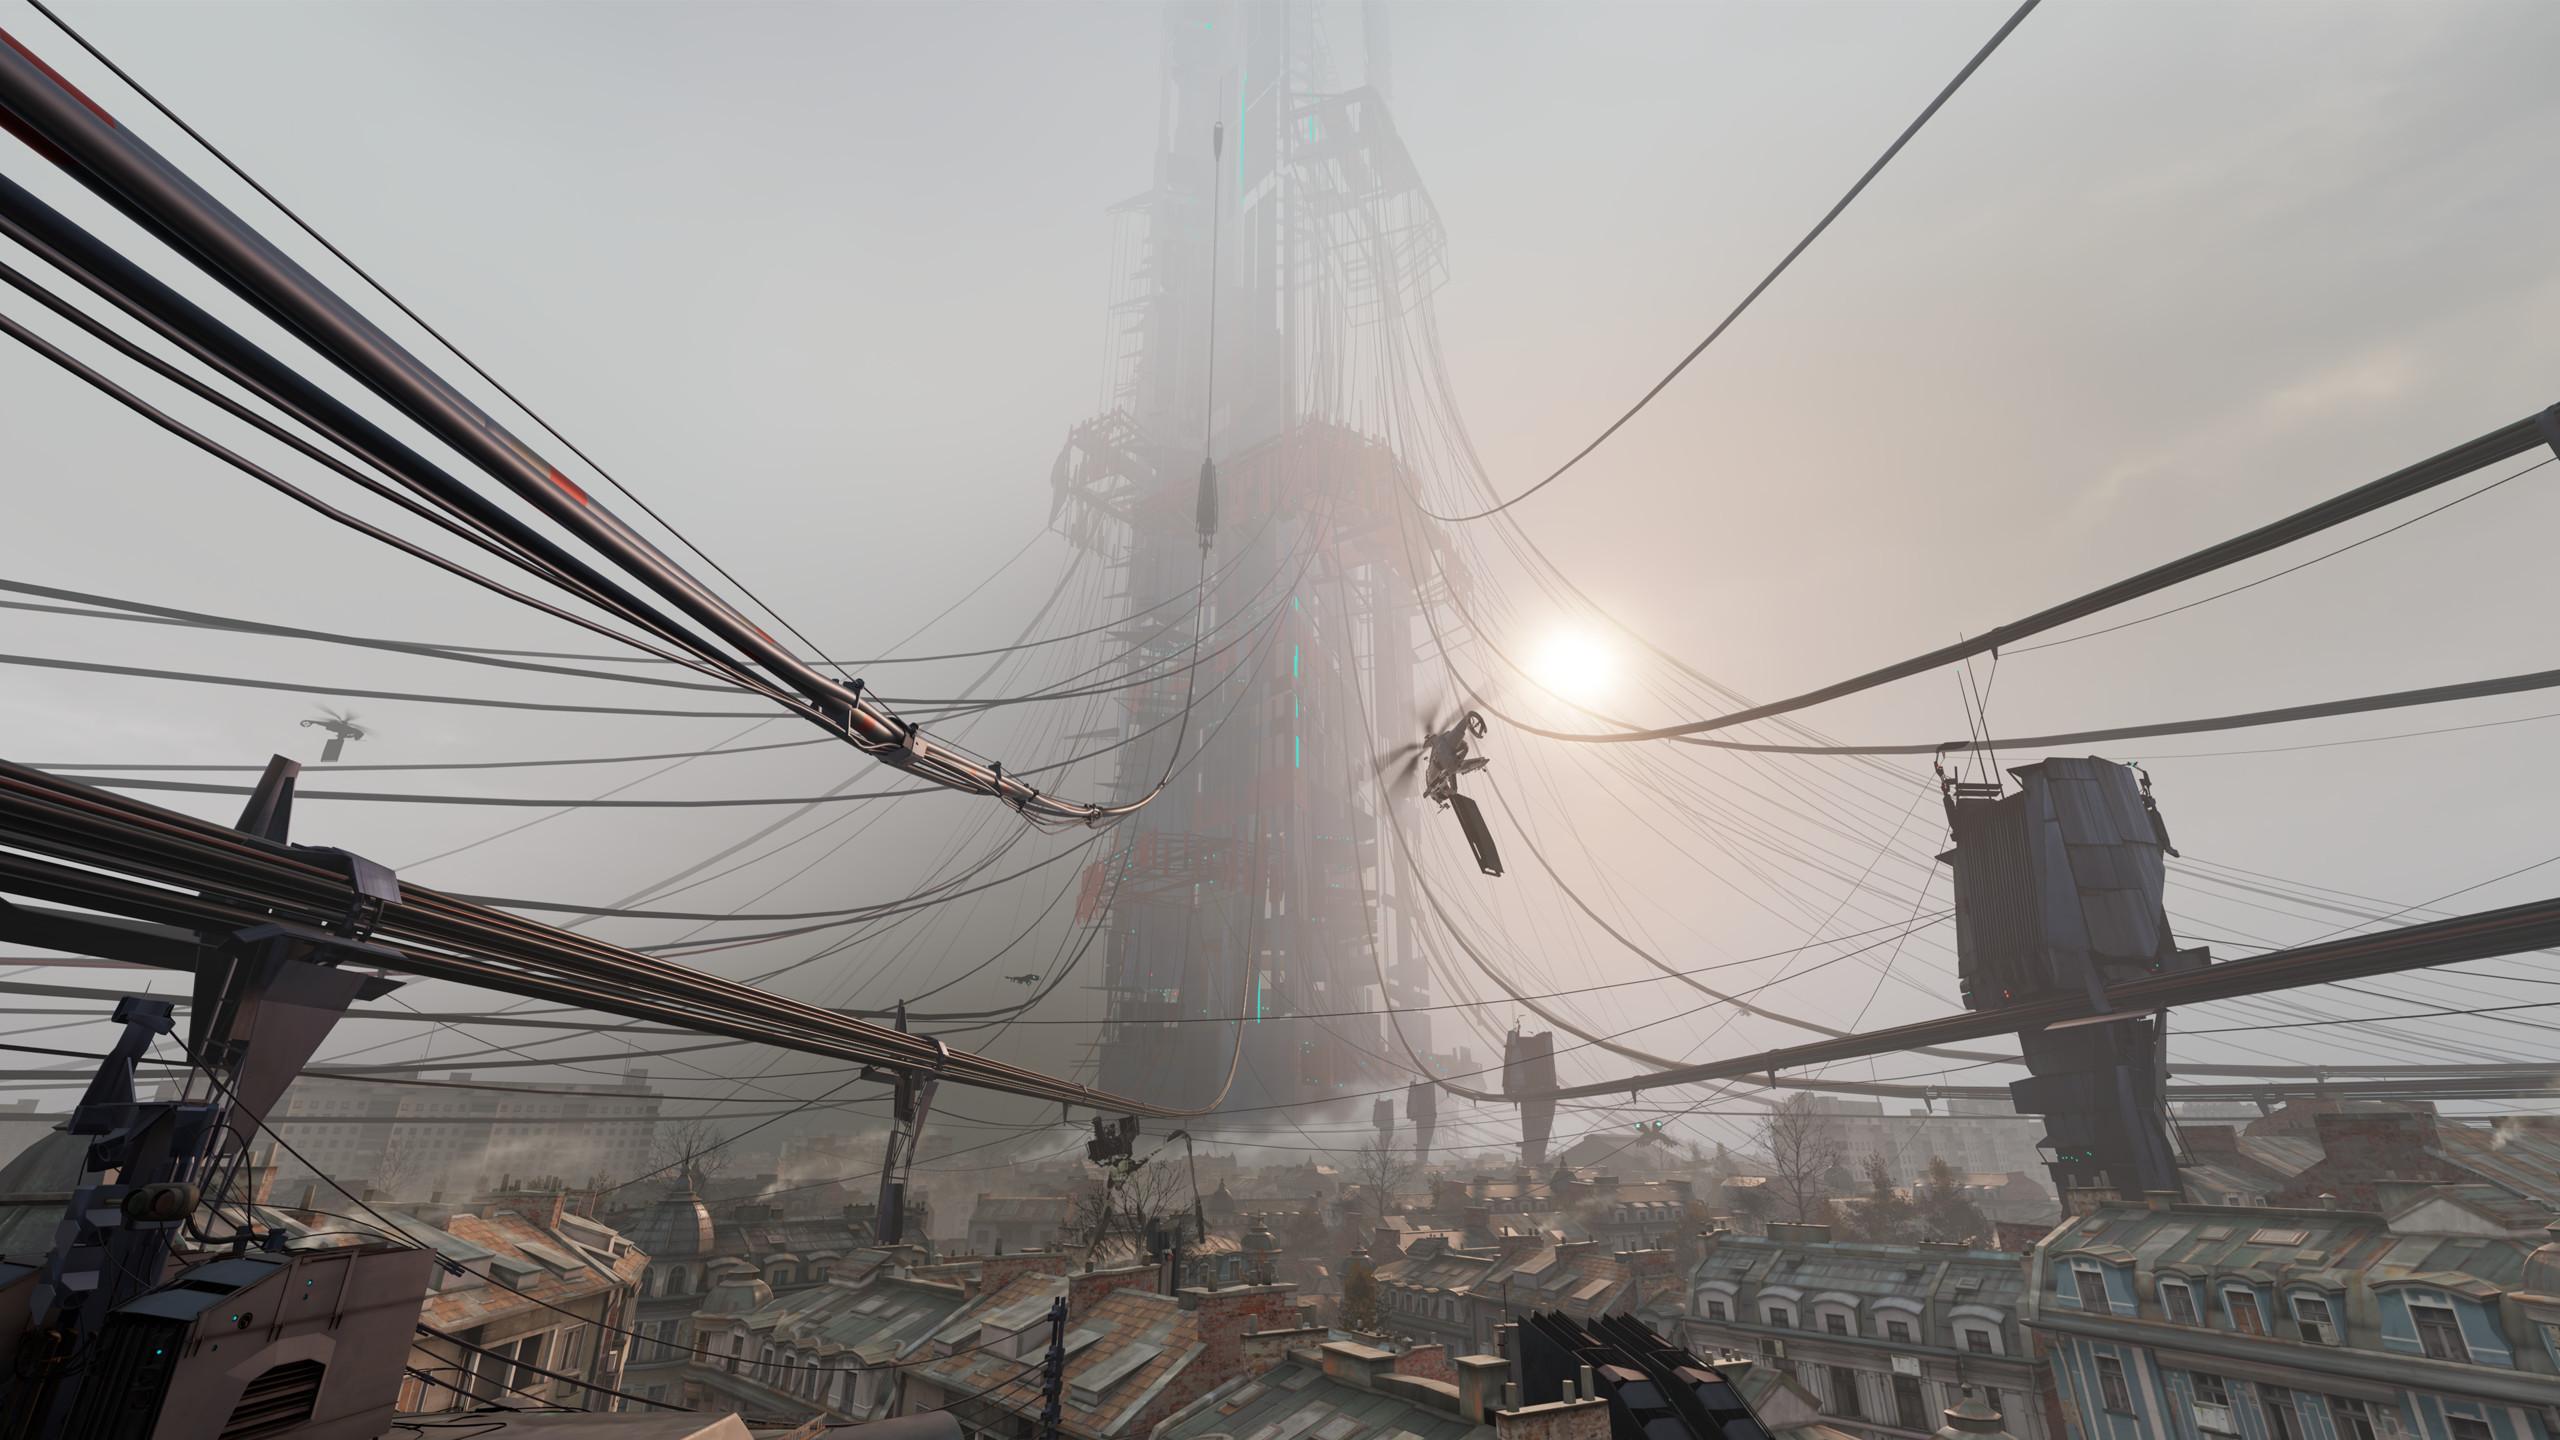 Первый тизер Half-Life: Alyx —VR-приквела Half-Life 2 6